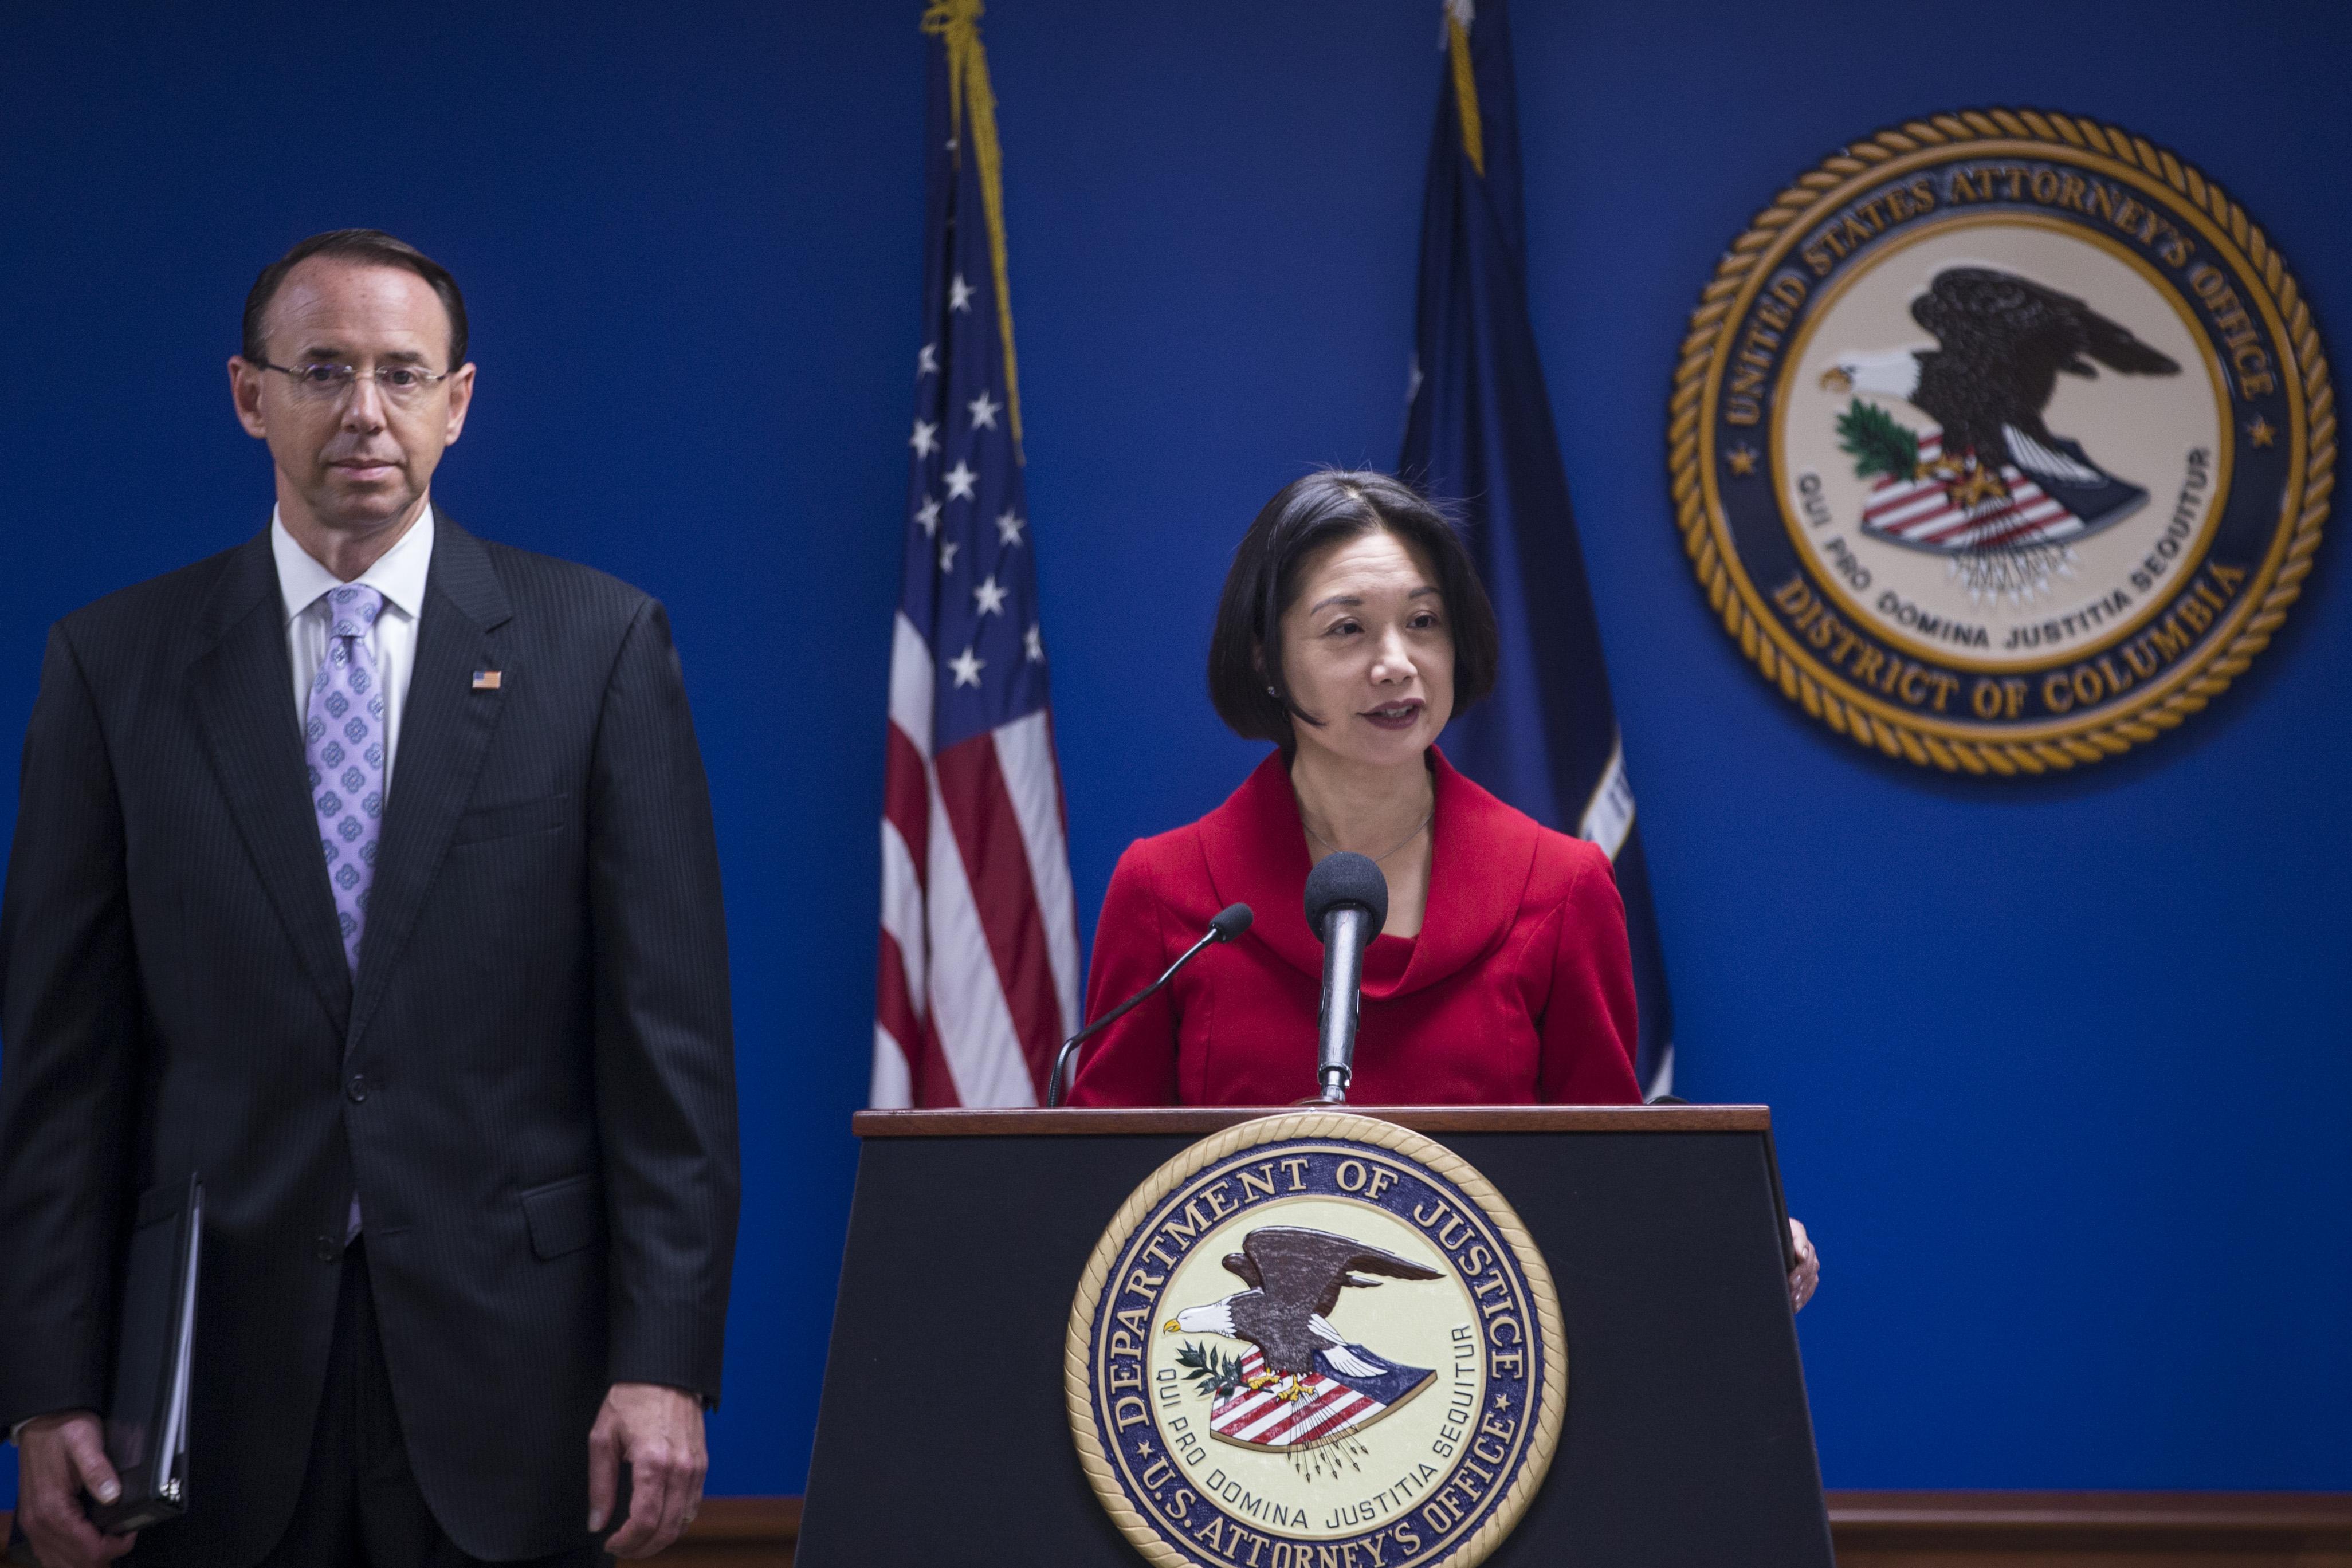 美國司法部副部長雷切爾・布蘭德(Rachel Brand)去年二月離職,該部第三號空缺至今未補。傳特朗普總統將提名台灣移民後裔聯邦檢察官潔西・劉(Jessie Liu,如圖)接替。(Zach Gibson/Getty Images)